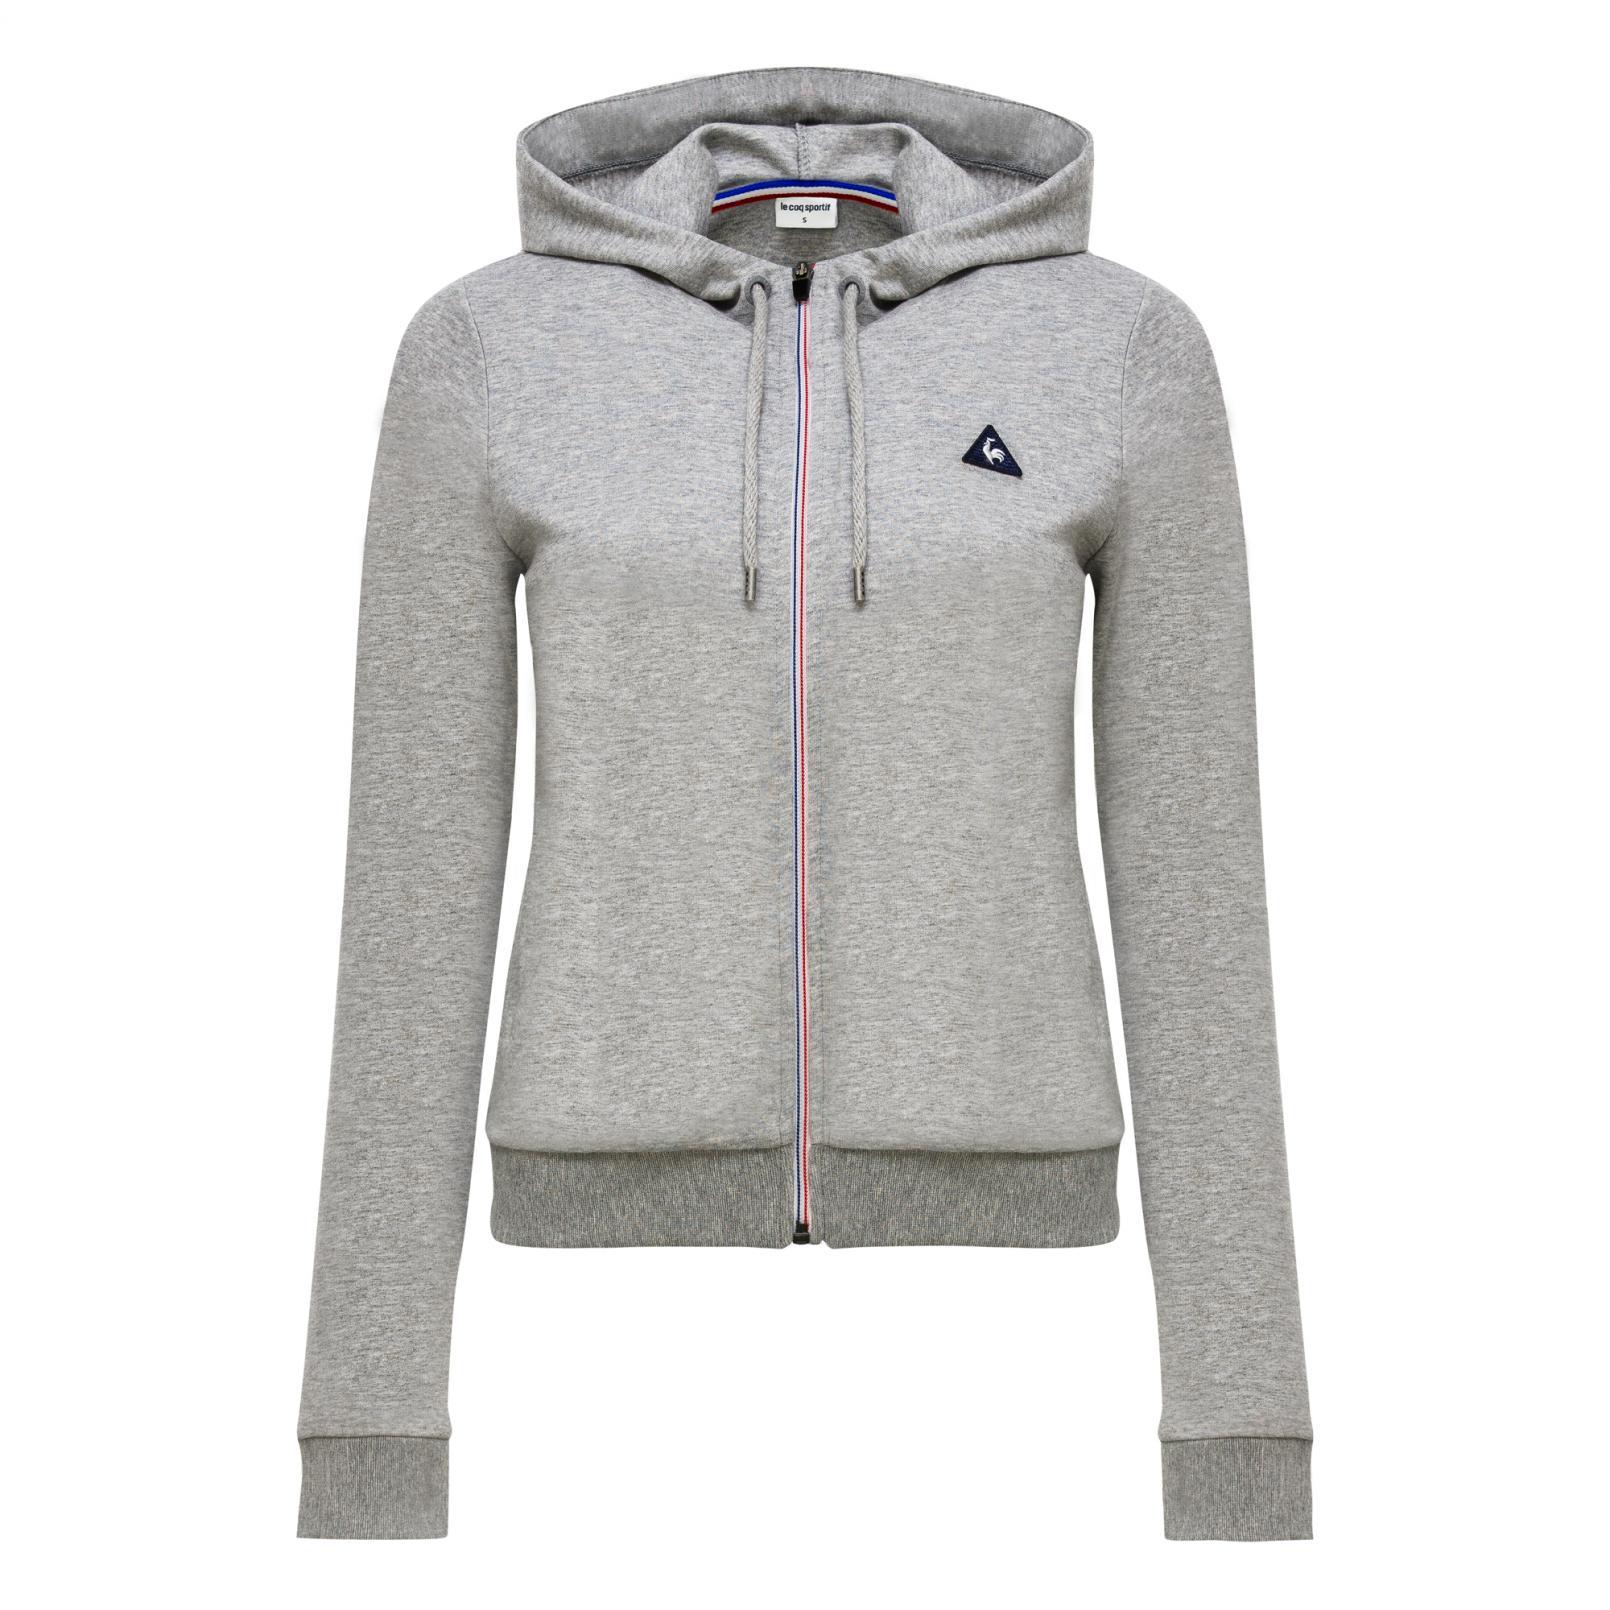 Sweatshirts & Hoodies – Le Coq Sportif Essentiels Pull-over hood Black